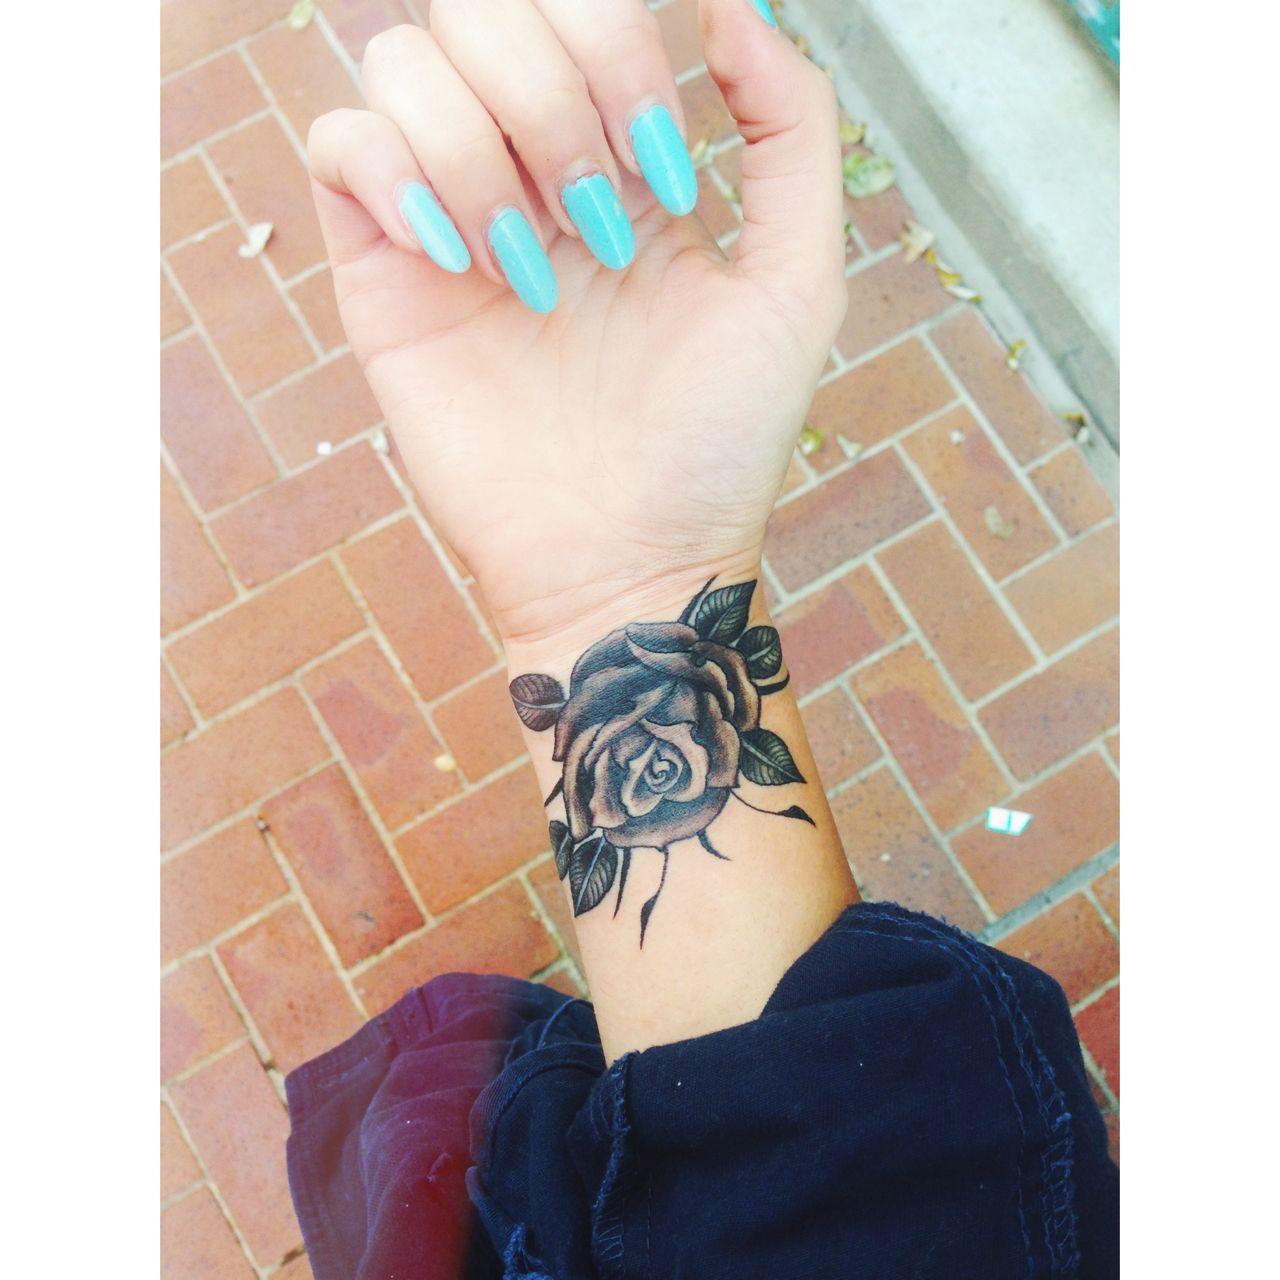 32 Inspiring Wrist Tattoos Rose Tattoos On Wrist Rose